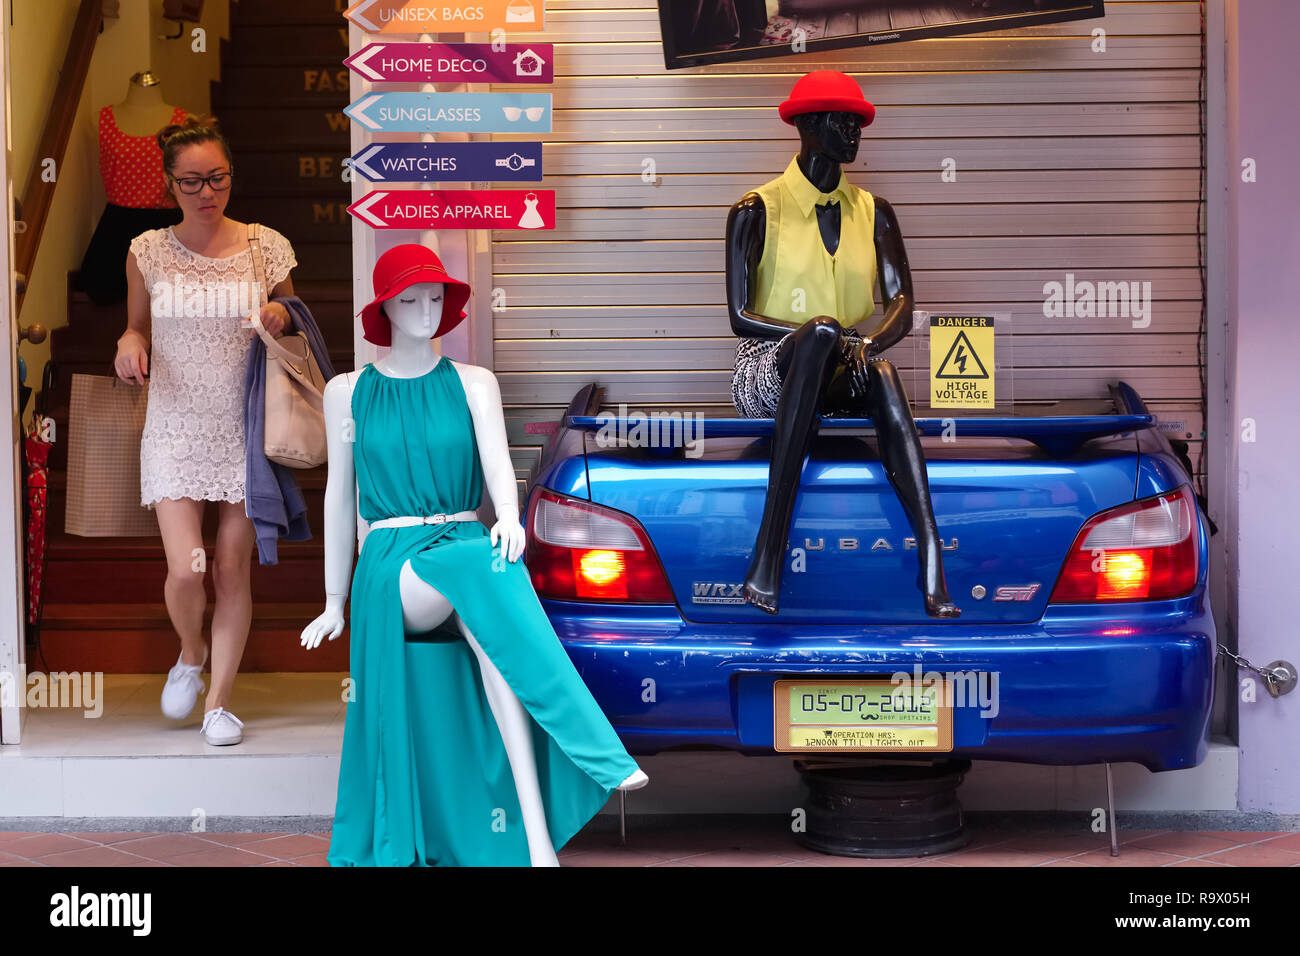 a7a194efbef14 Escena Alternativa Imágenes De Stock   Escena Alternativa Fotos De ...